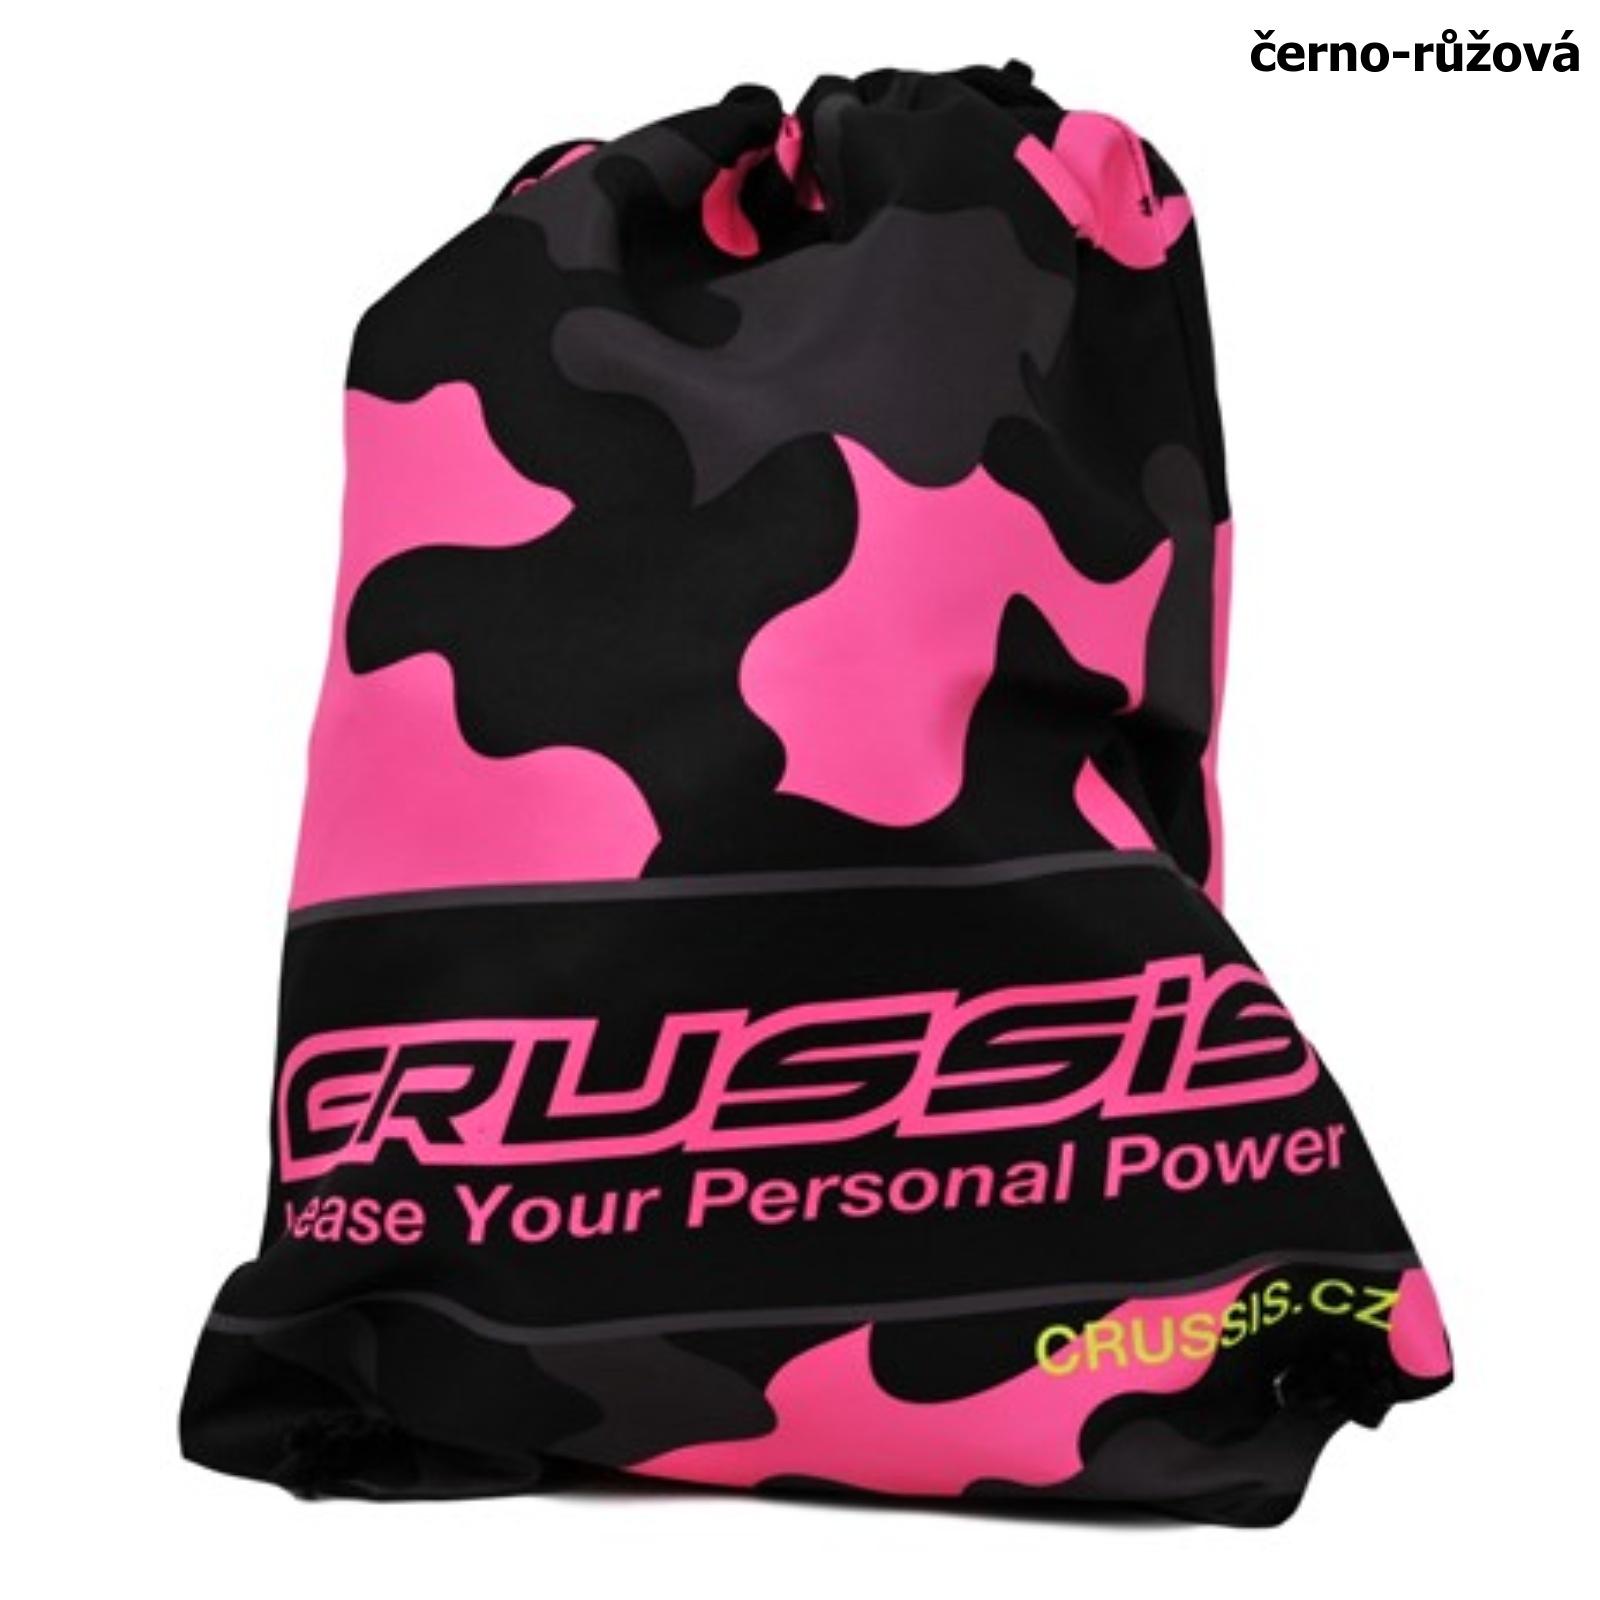 Sportovní taška CRUSSIS černo-růžová